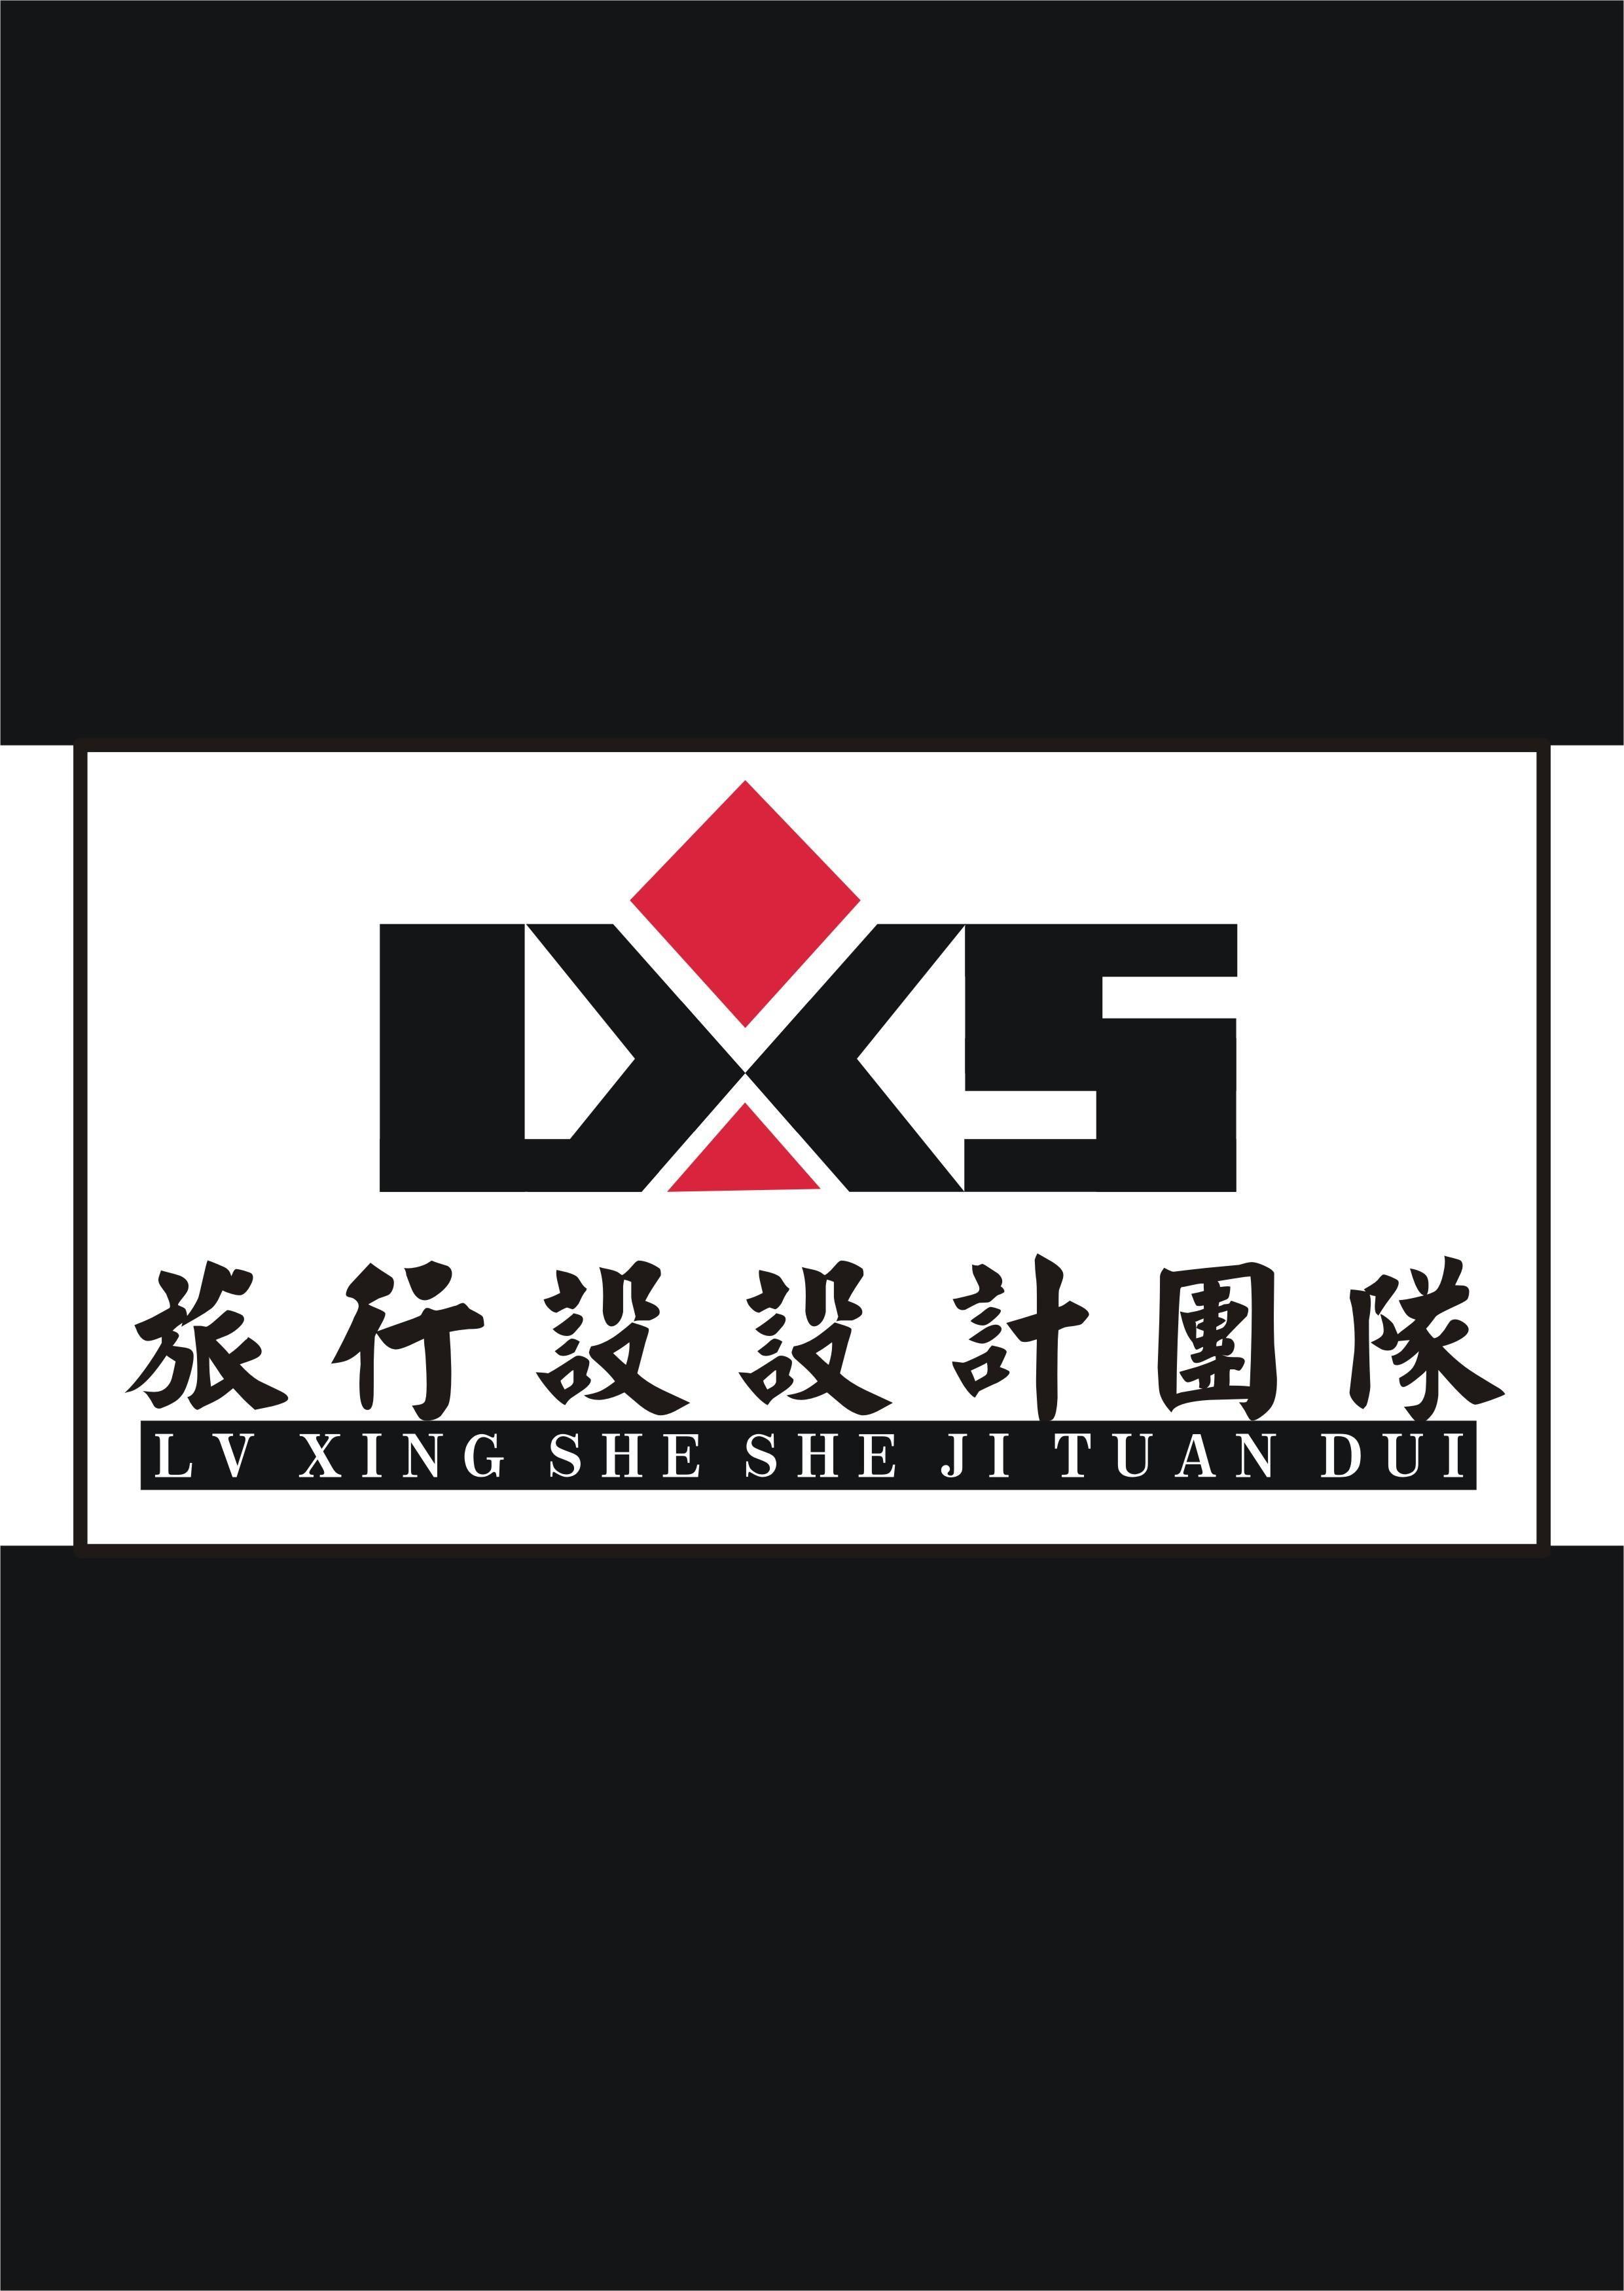 设计团队标志设计4案例图片 设计师曾晨设计工作室的空间 红动中国设